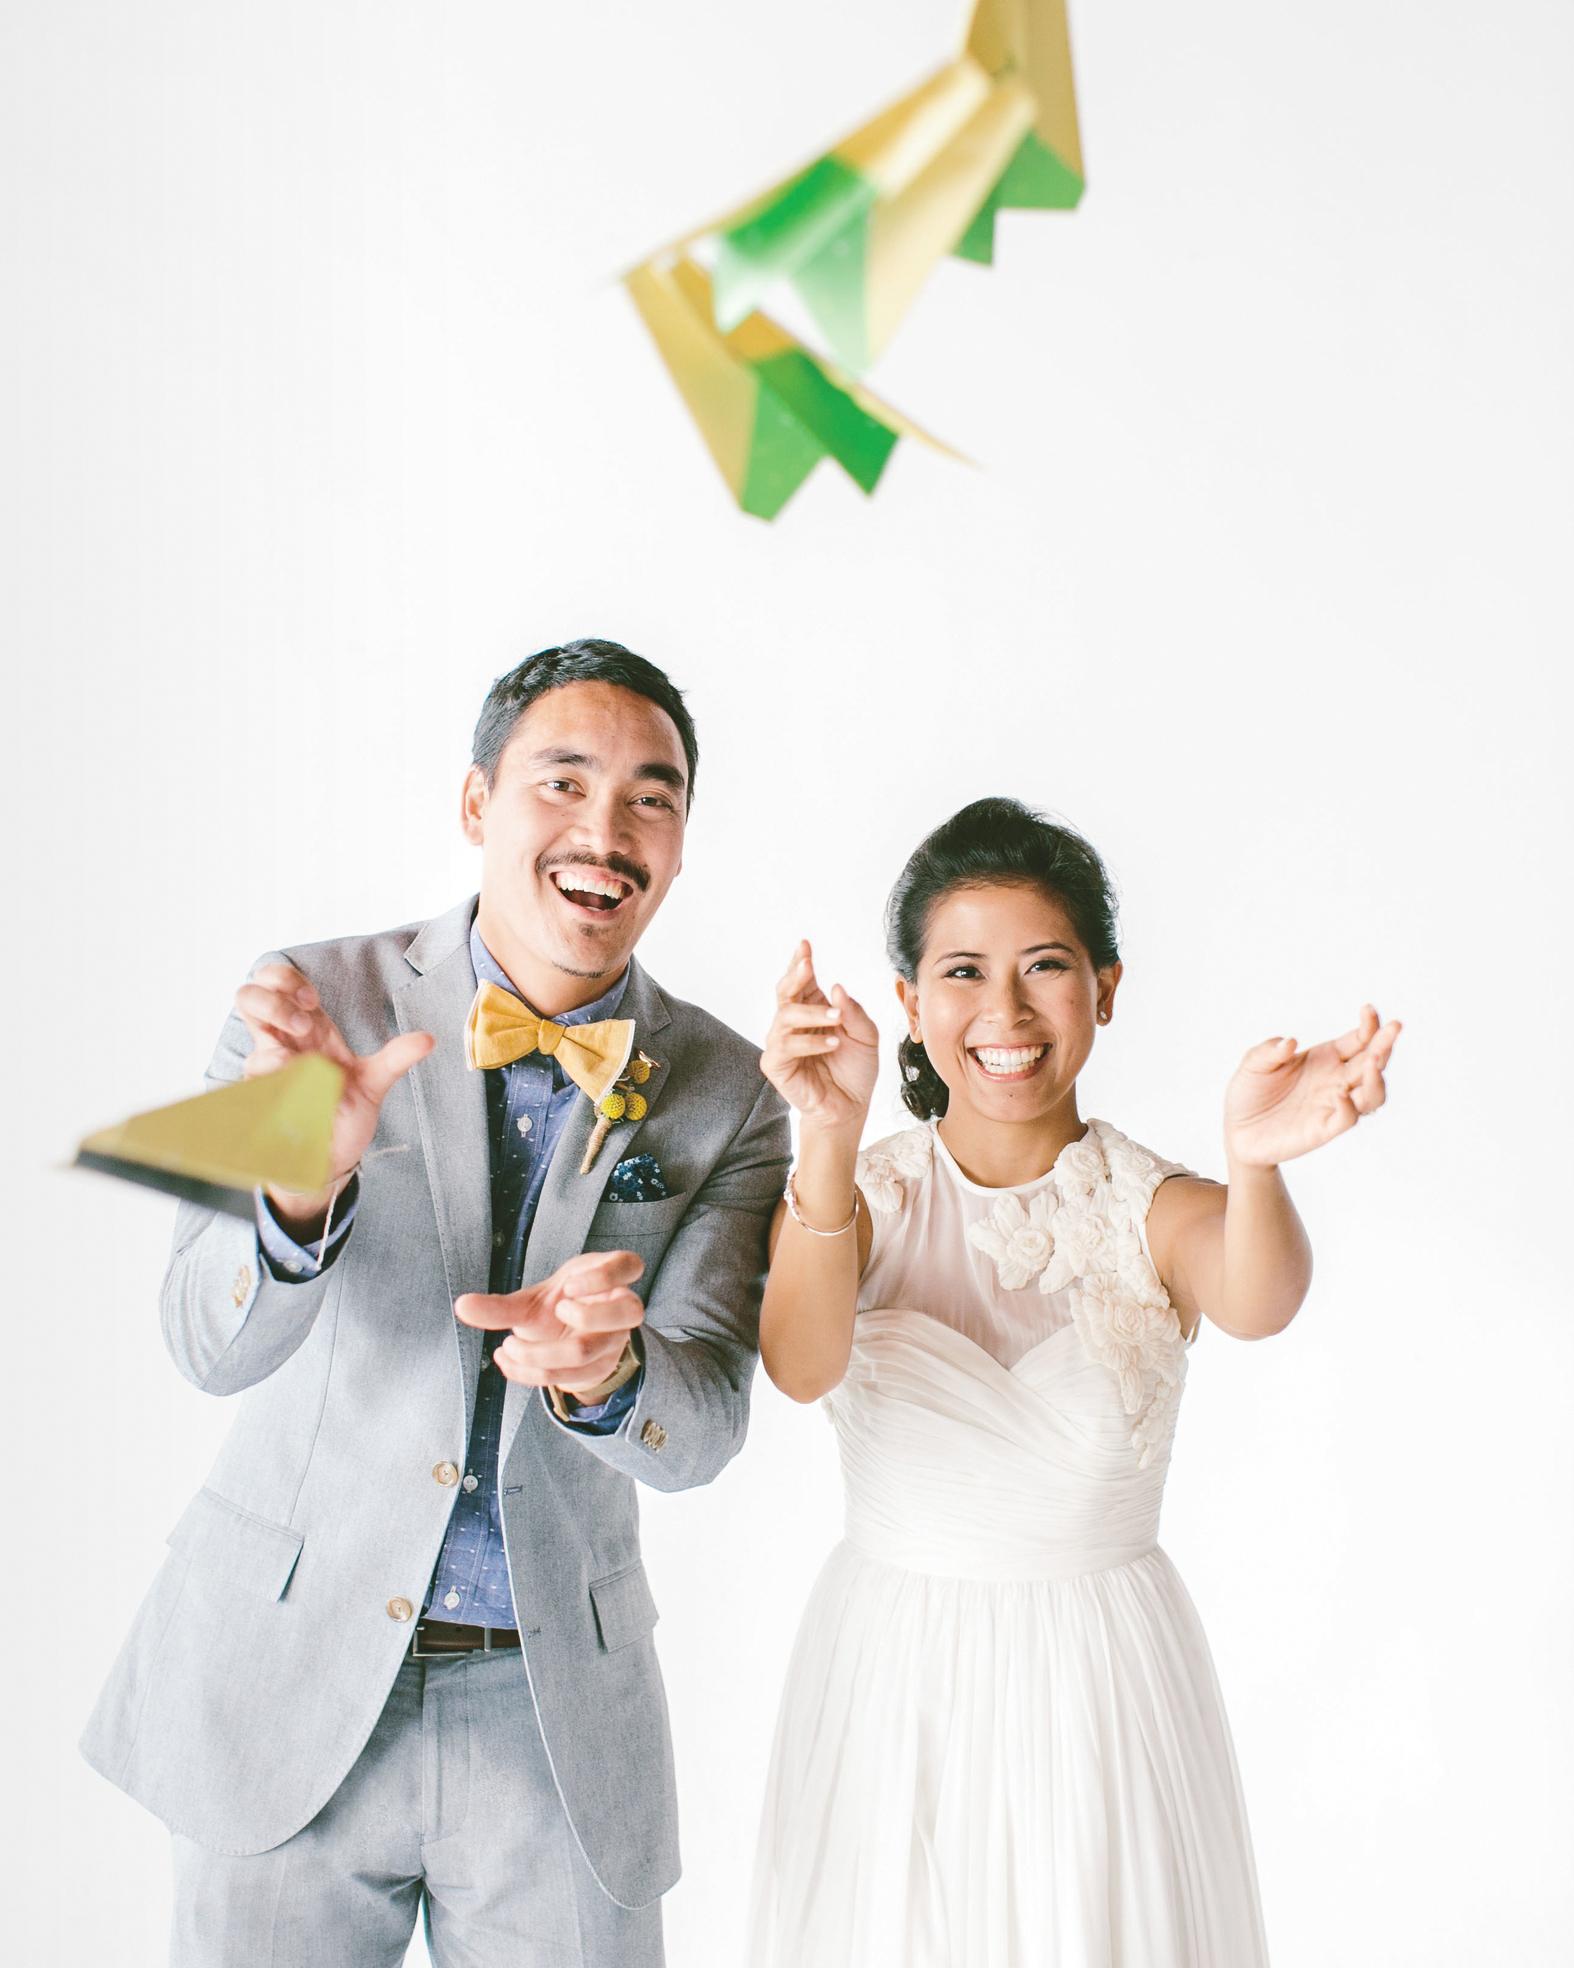 bride-groom-paper-airplanes-matt-melissa-top-selects42-mwds111011.jpg